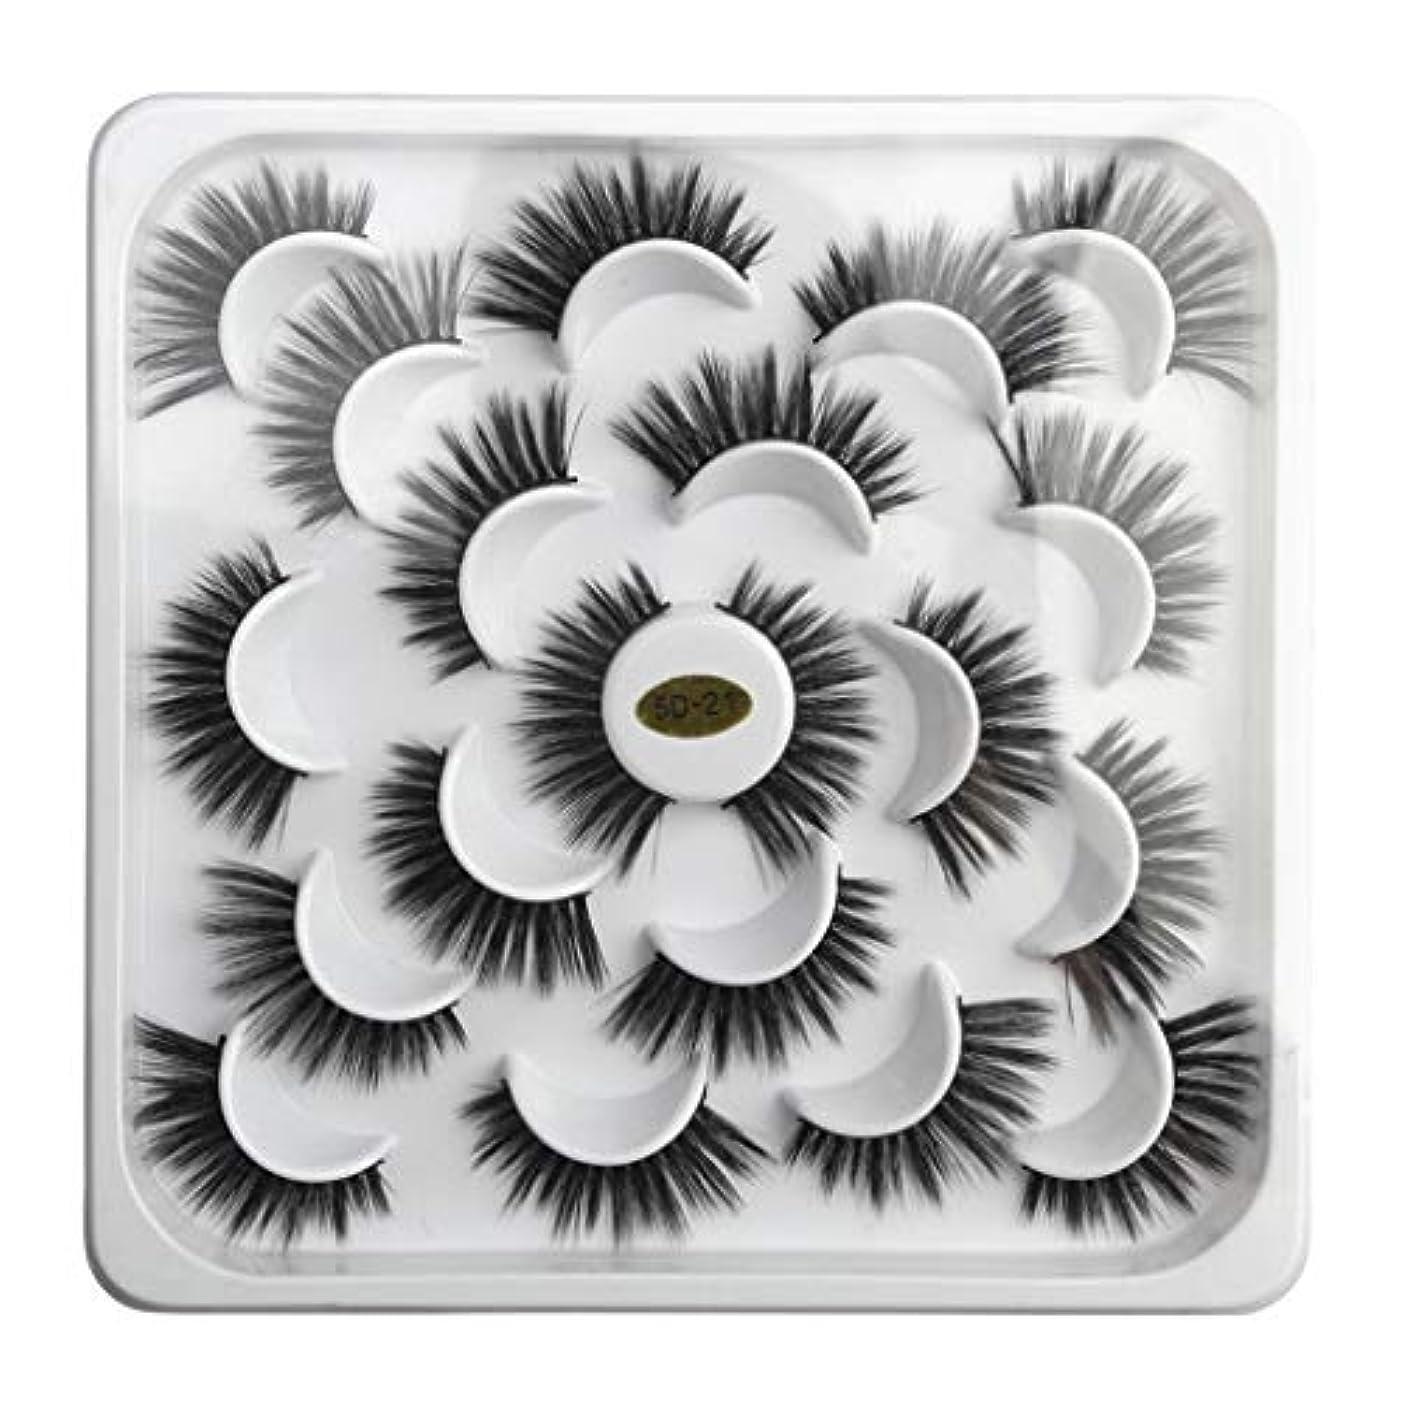 無視する安全性寄託つけまつげ 10ペア 3D 上まつげ アイラッシュ ビューティー まつげエクステ レディース 化粧ツール アイメイクアップ 人気 ナチュラル 飾り 柔らかい 装着簡単 綺麗 濃密 再利用可能